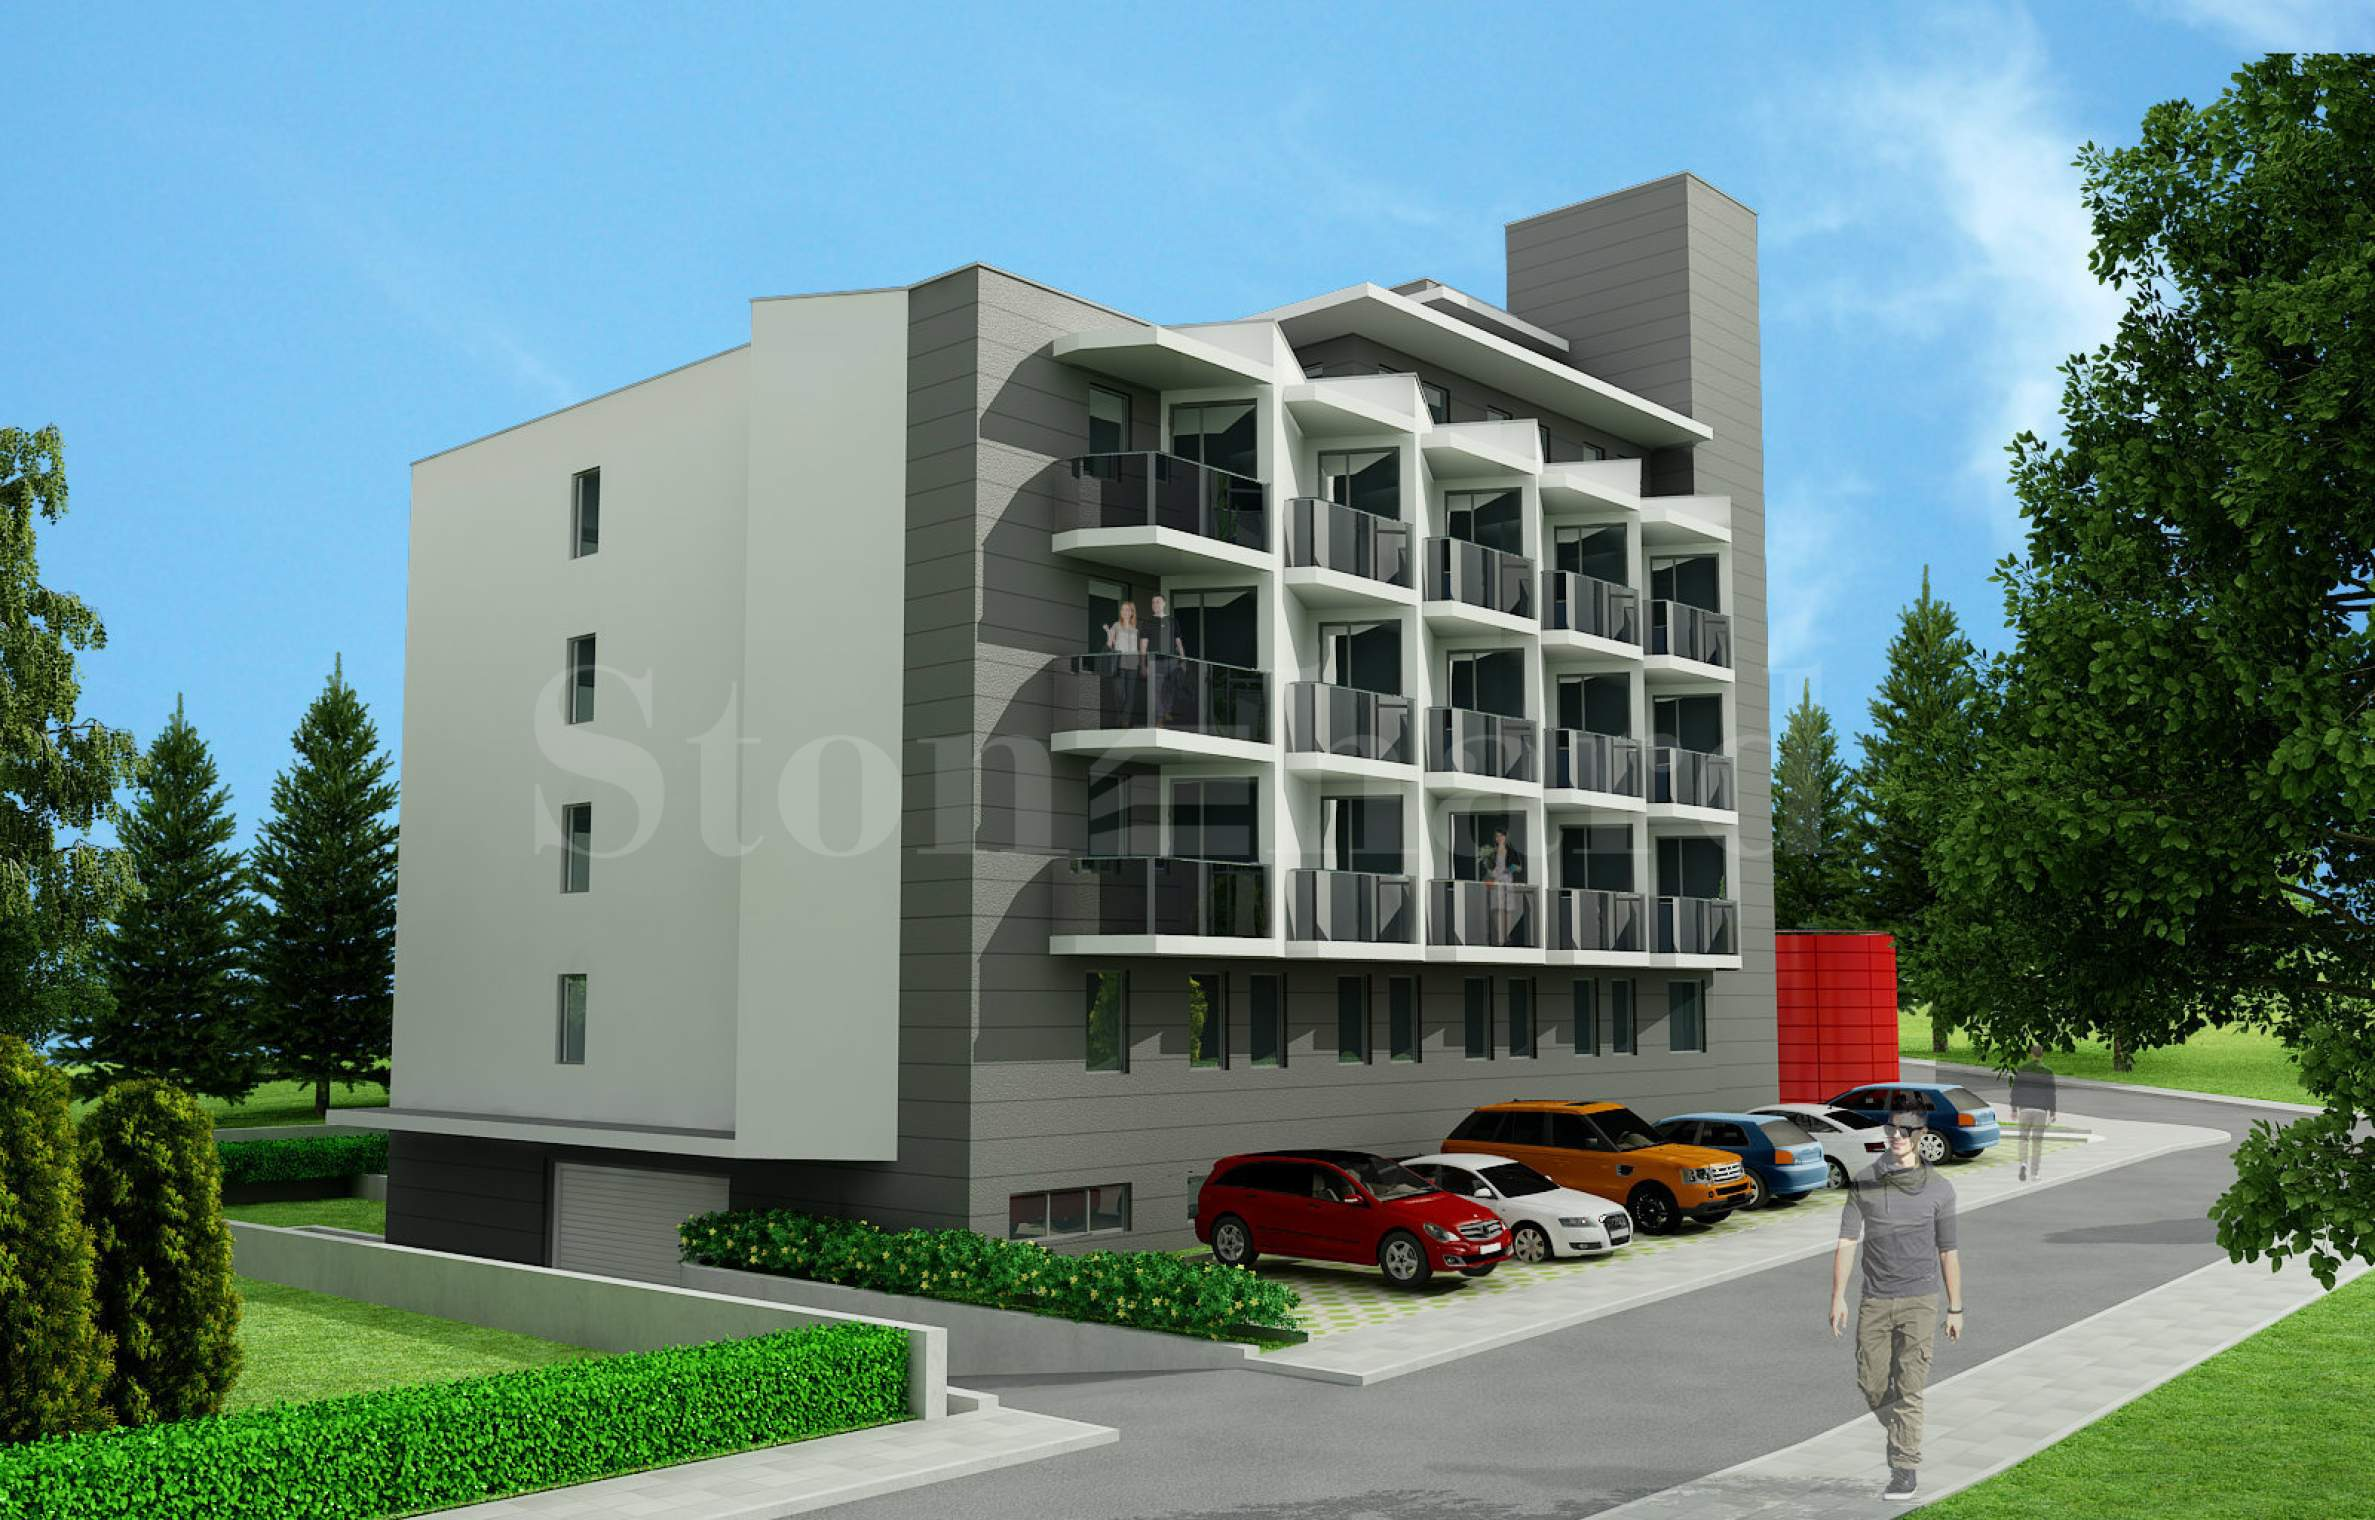 Модерна жилищна сграда на шест етажа в кв. Овча Купел1 - Stonehard